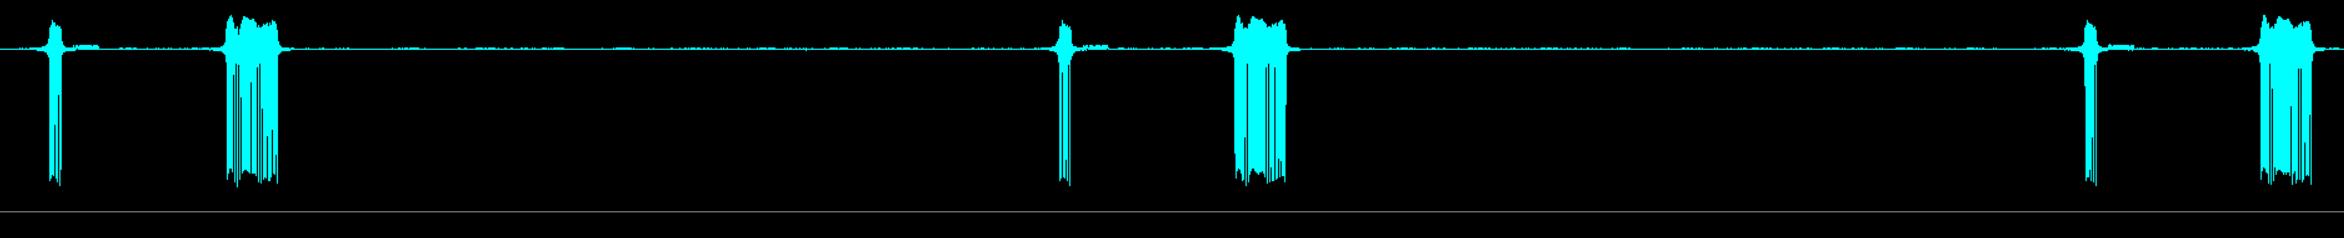 Принимаем и анализируем радиосигнал платежного терминала с помощью SDR - 7